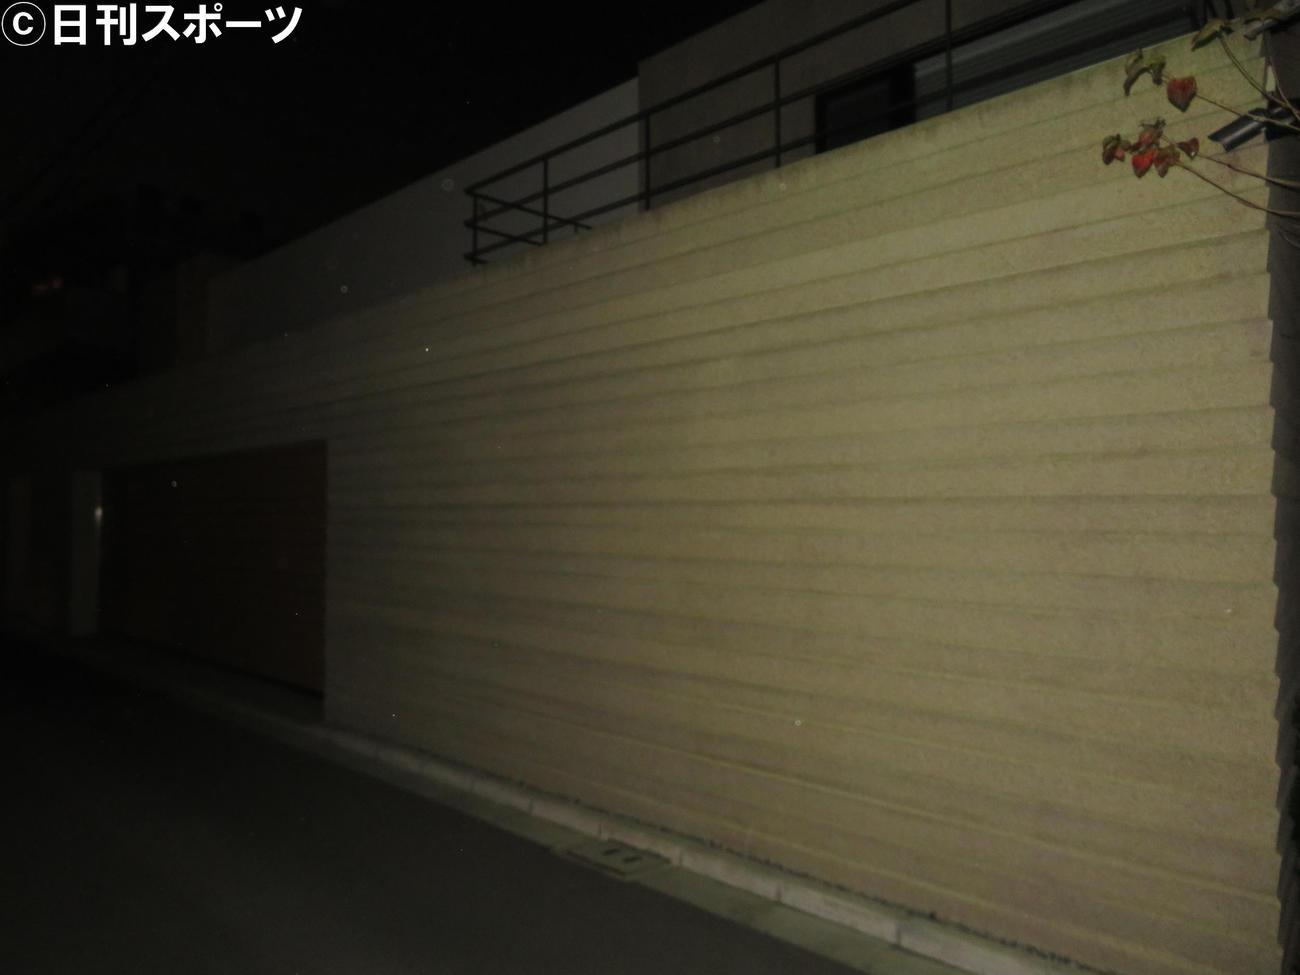 逮捕された槇原敬之の自宅